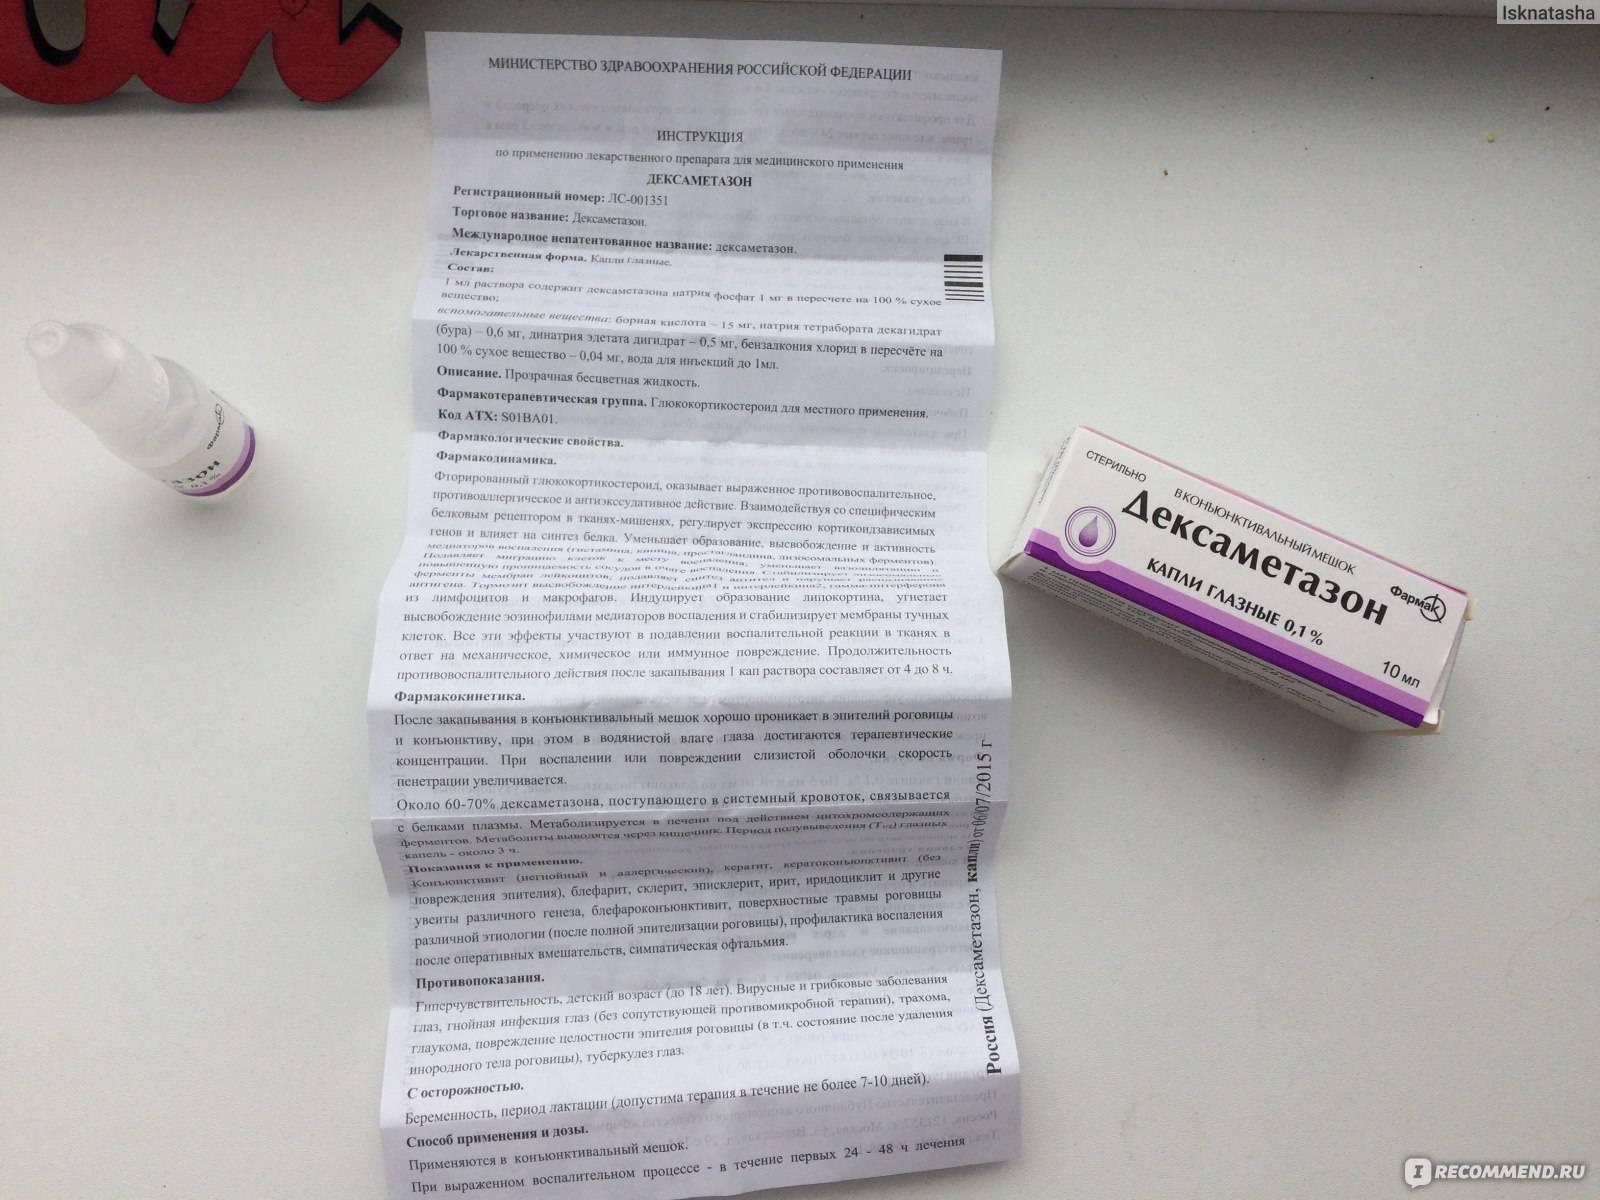 Дексаметазон: инструкция по применению глазных капель для новорожденных и детей в старшем возрасте